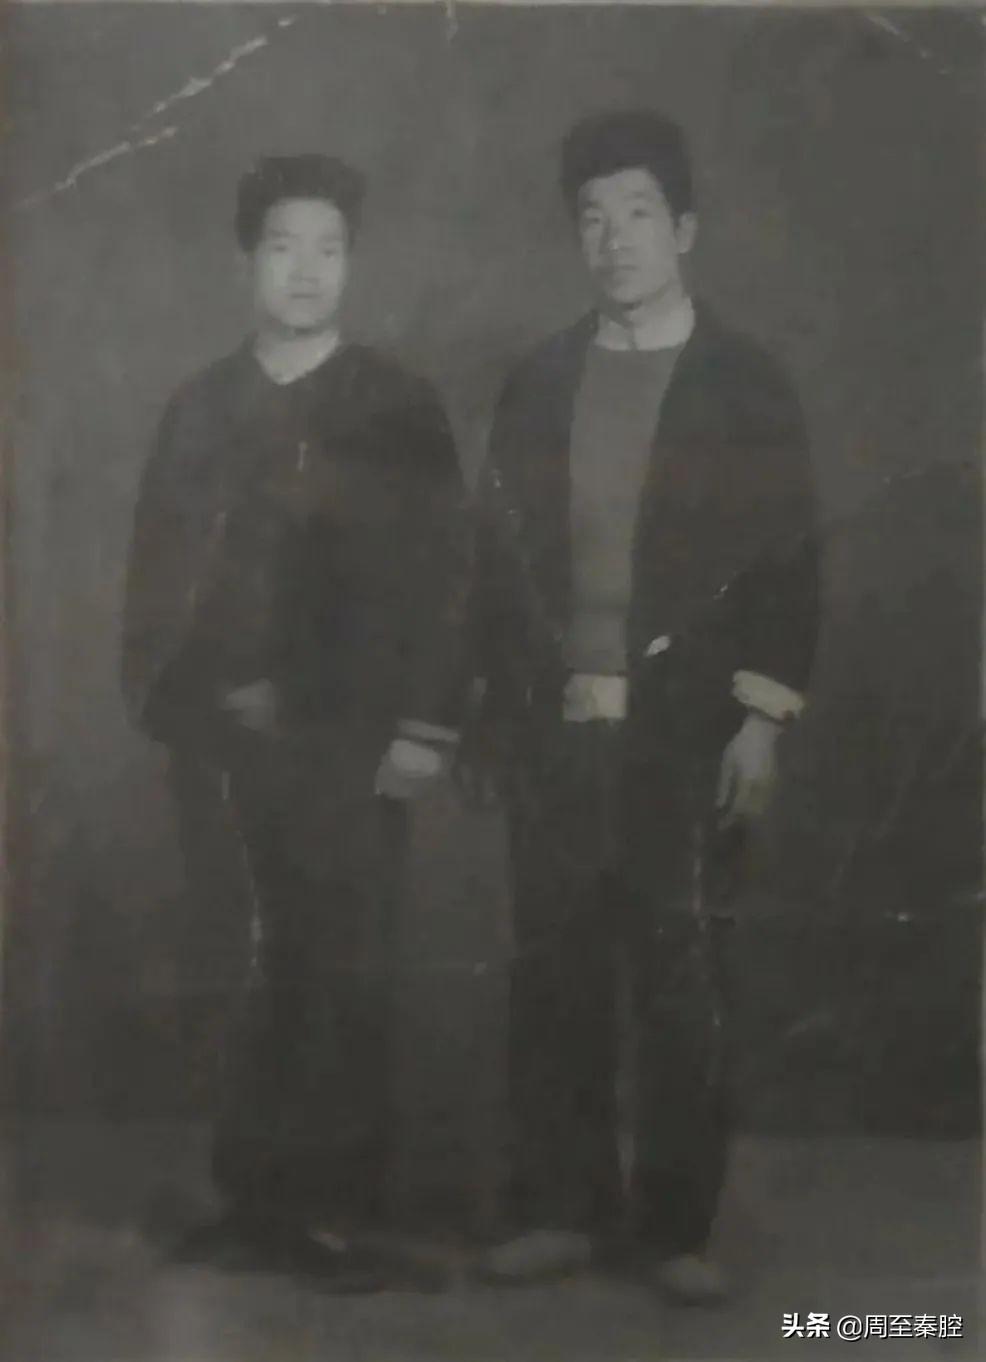 凤县剧团著名须生畅义成采访实录